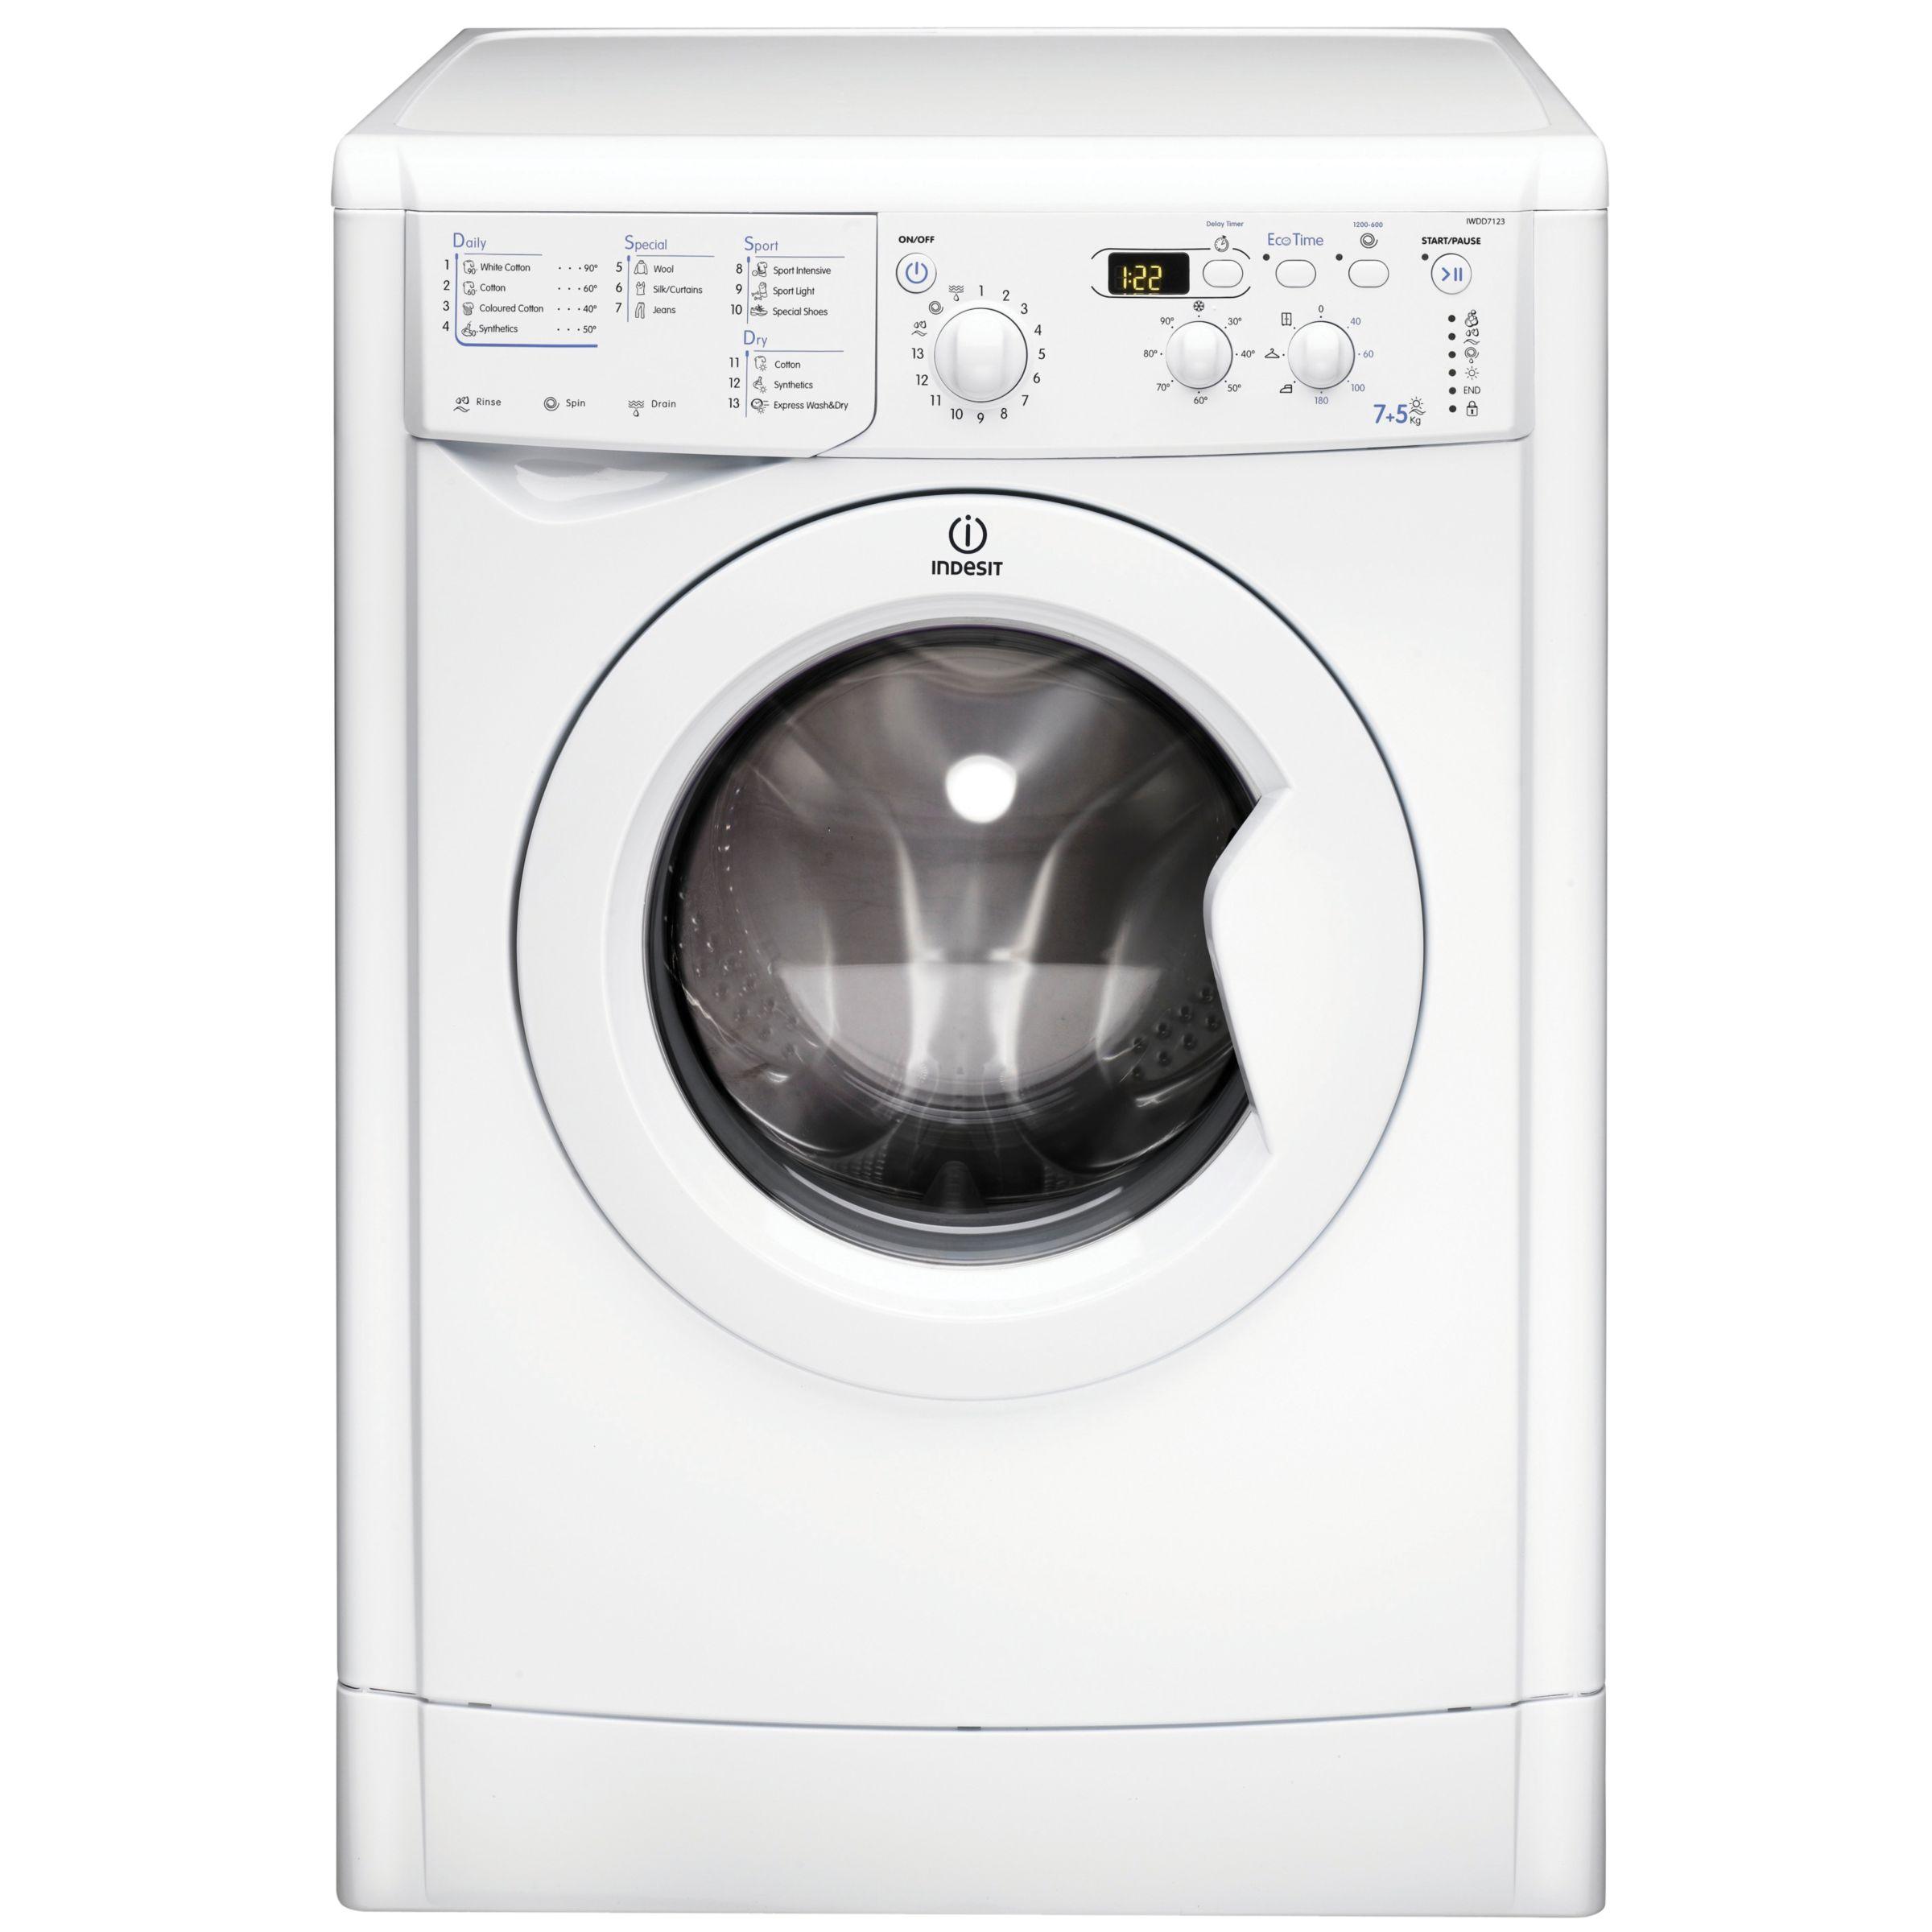 Indesit IWDD7123 Washer Dryer, White at John Lewis